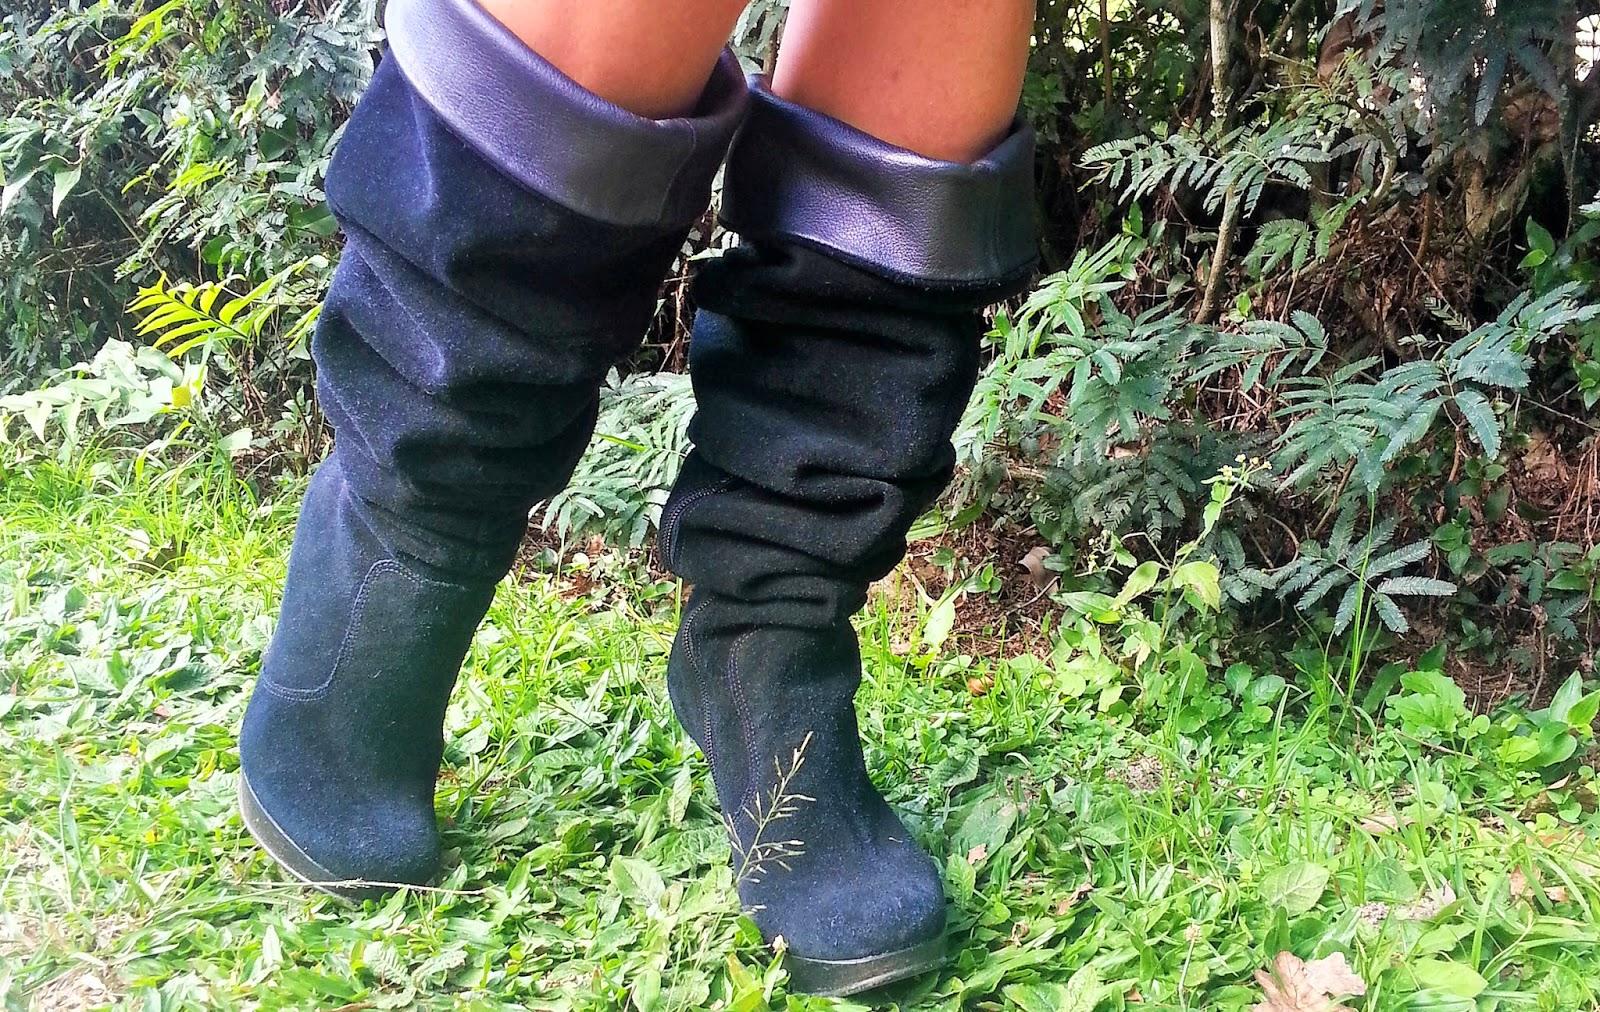 bota+dois+em+um+Gracyjony+nascimento+www.mulatadourada.com.br